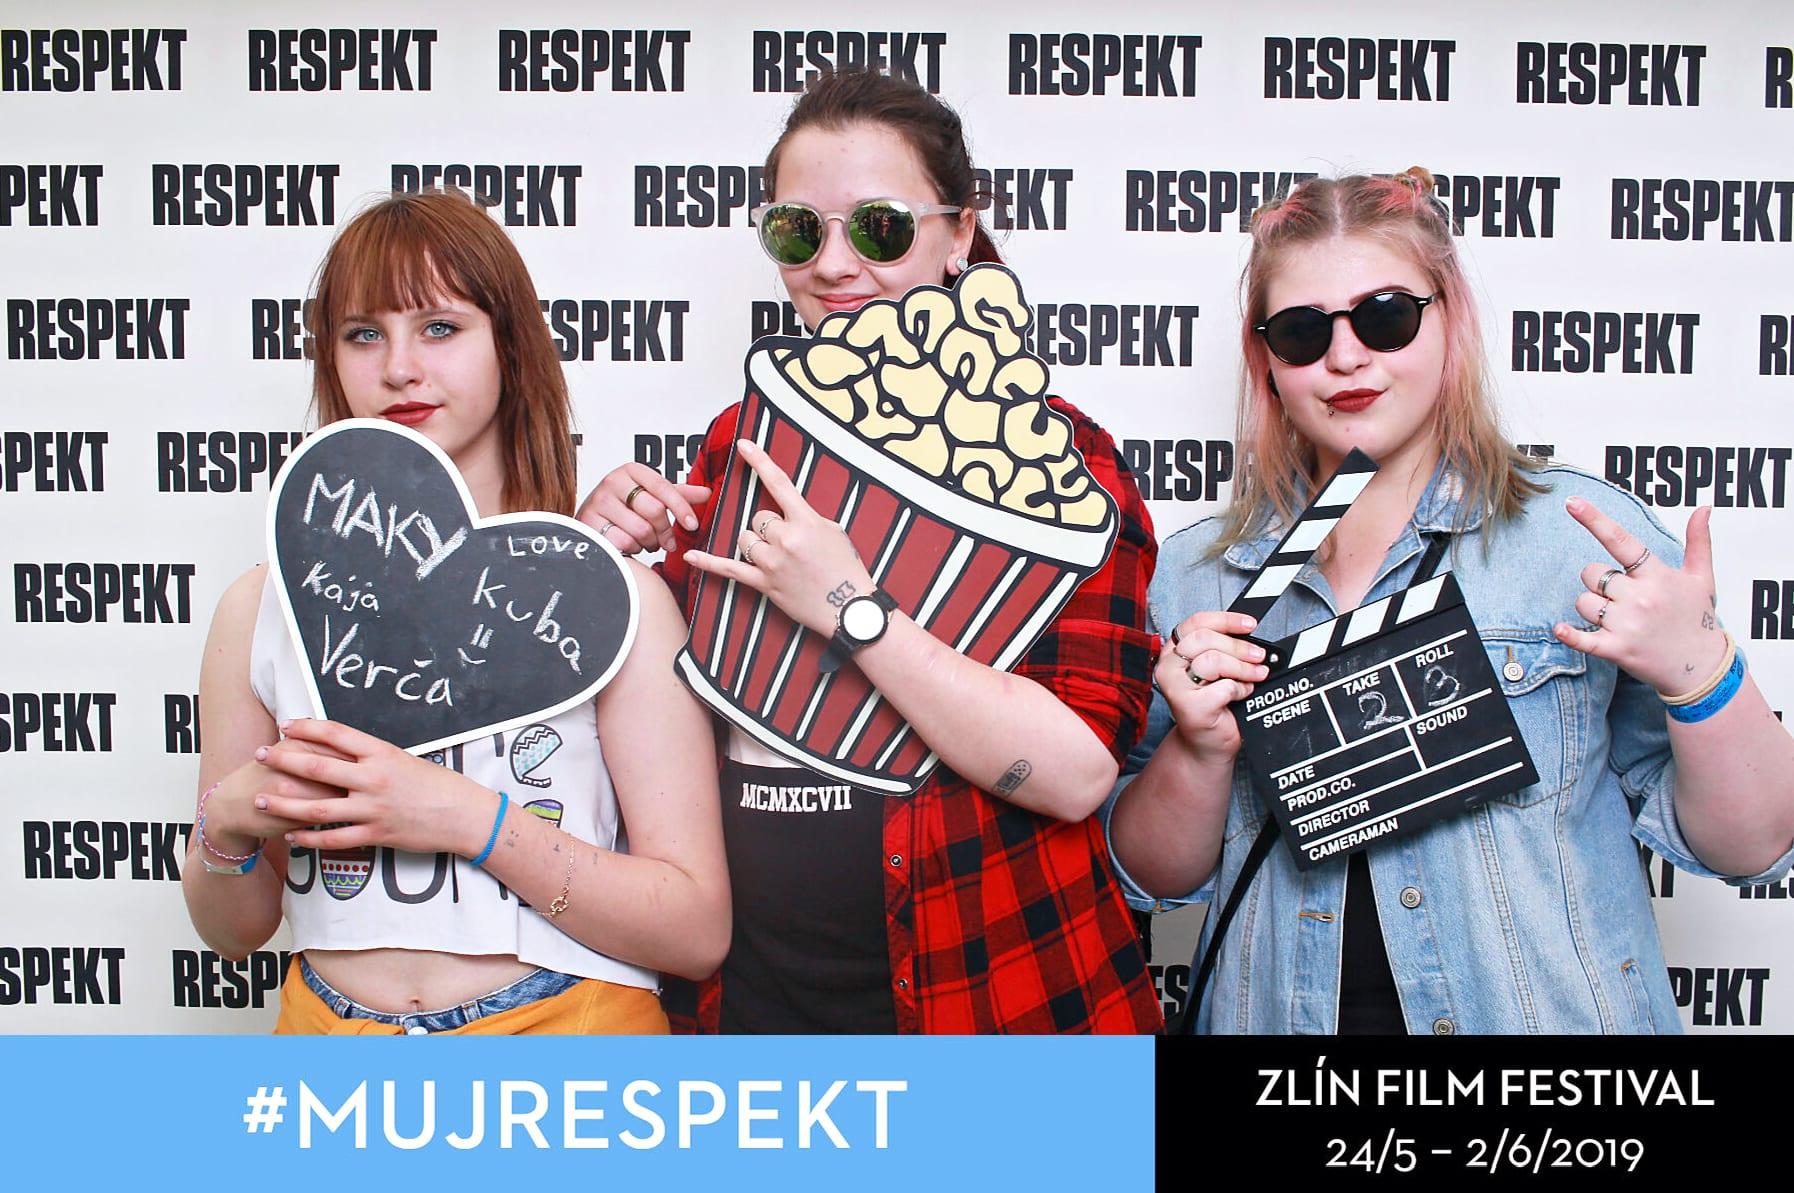 fotokoutek-festival-zlin-respekt-25-5-2019-613373